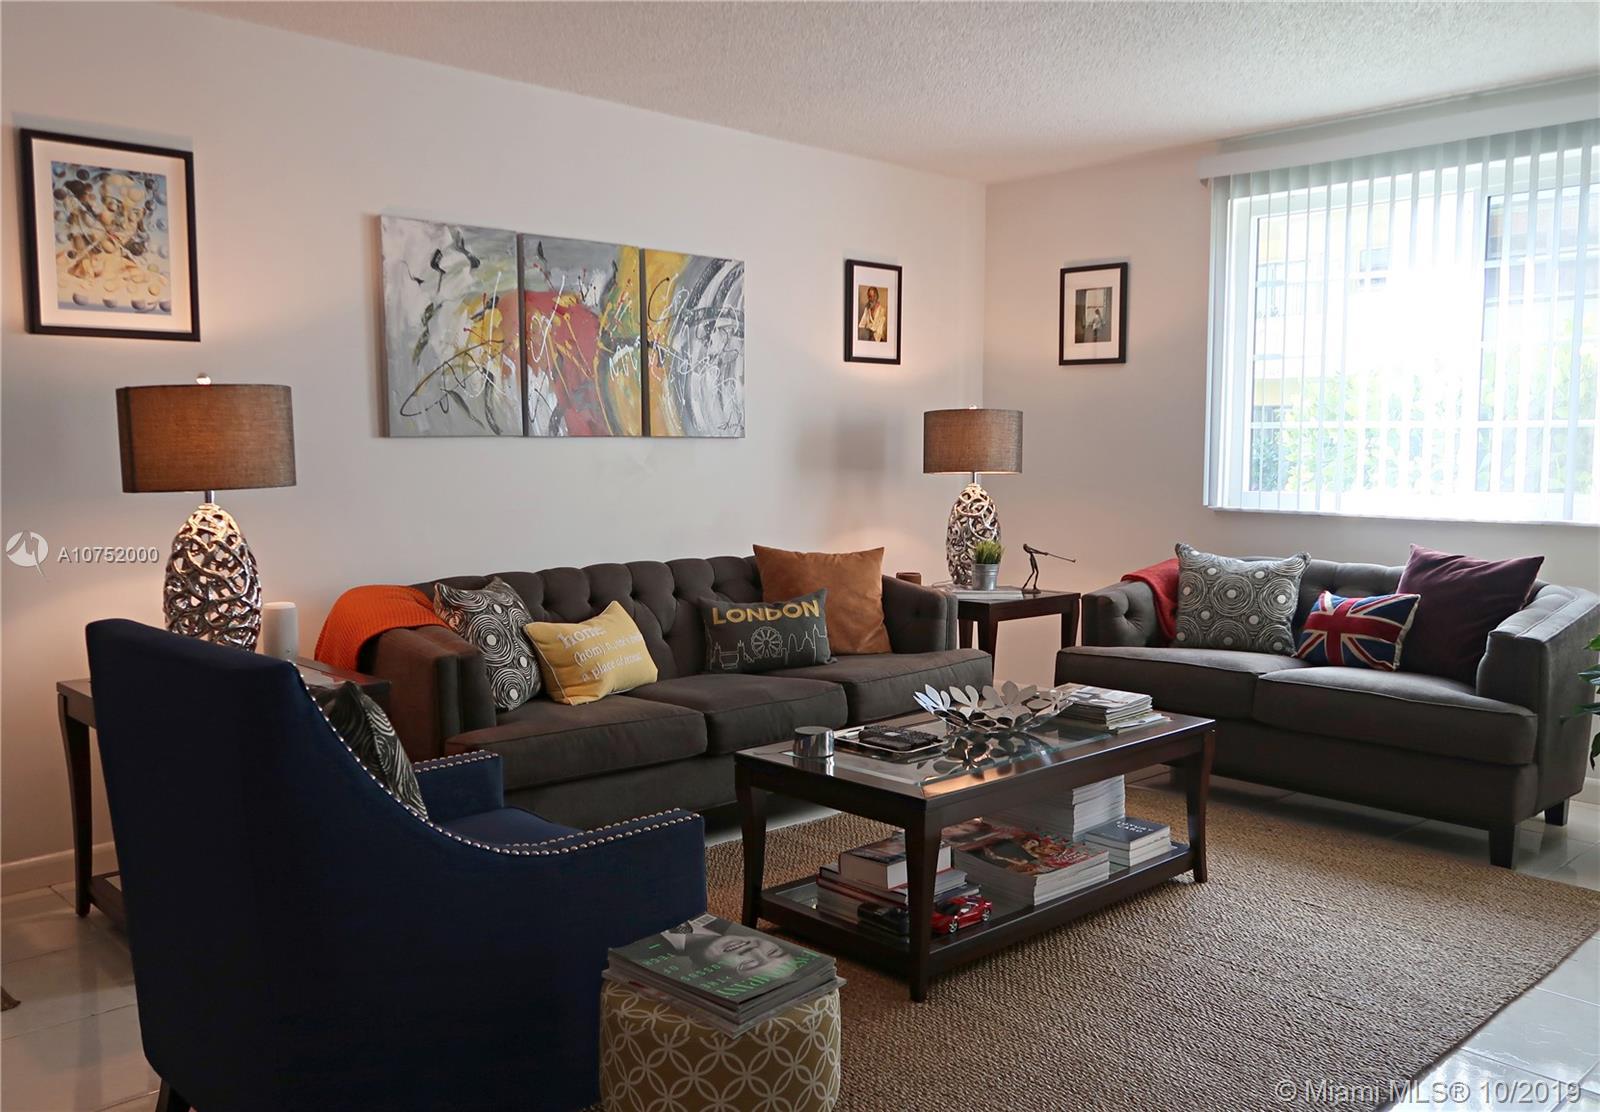 9022 NE 8th Ave #1S For Sale A10752000, FL